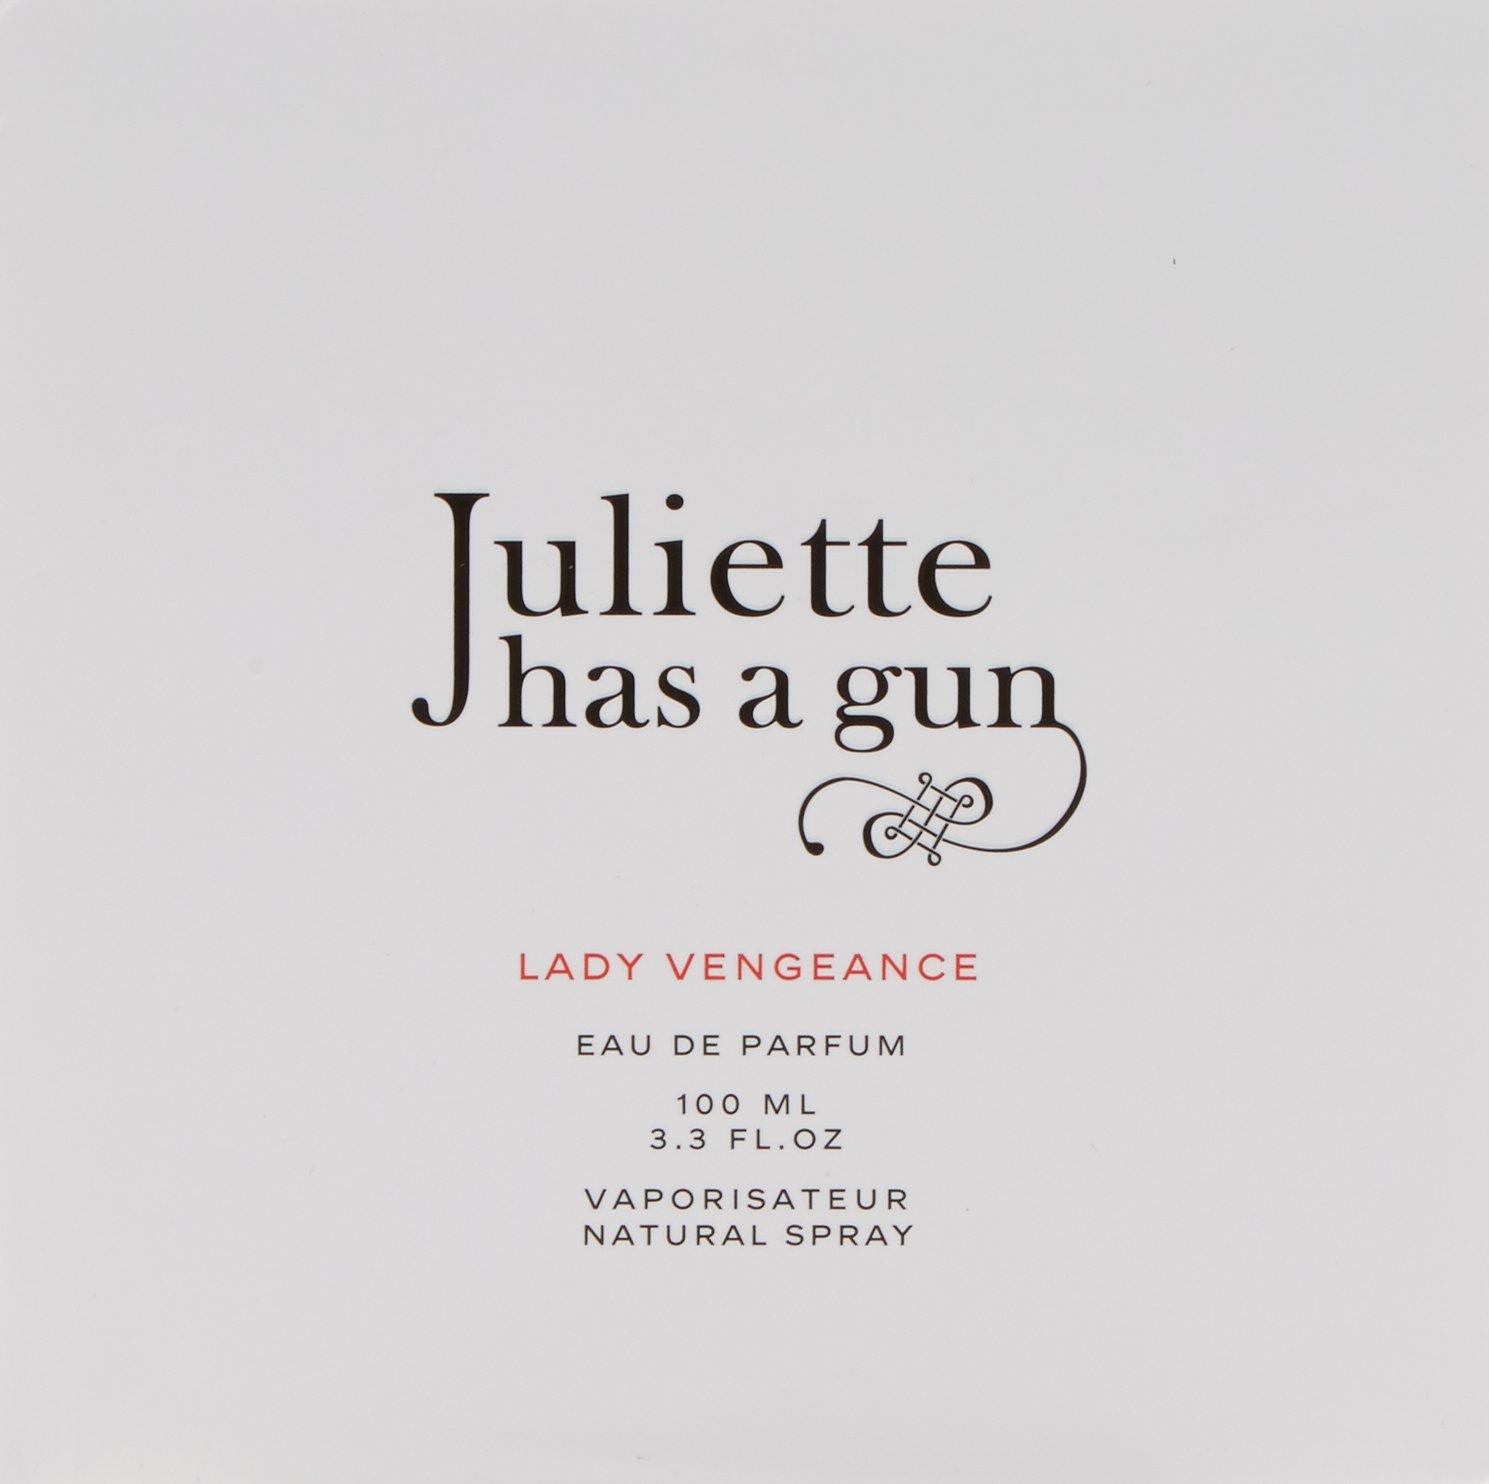 Juliette Has A Gun Lady Vengeance Eau de Parfum Spray, 3.3 fl. oz. by Juliette Has A Gun (Image #3)